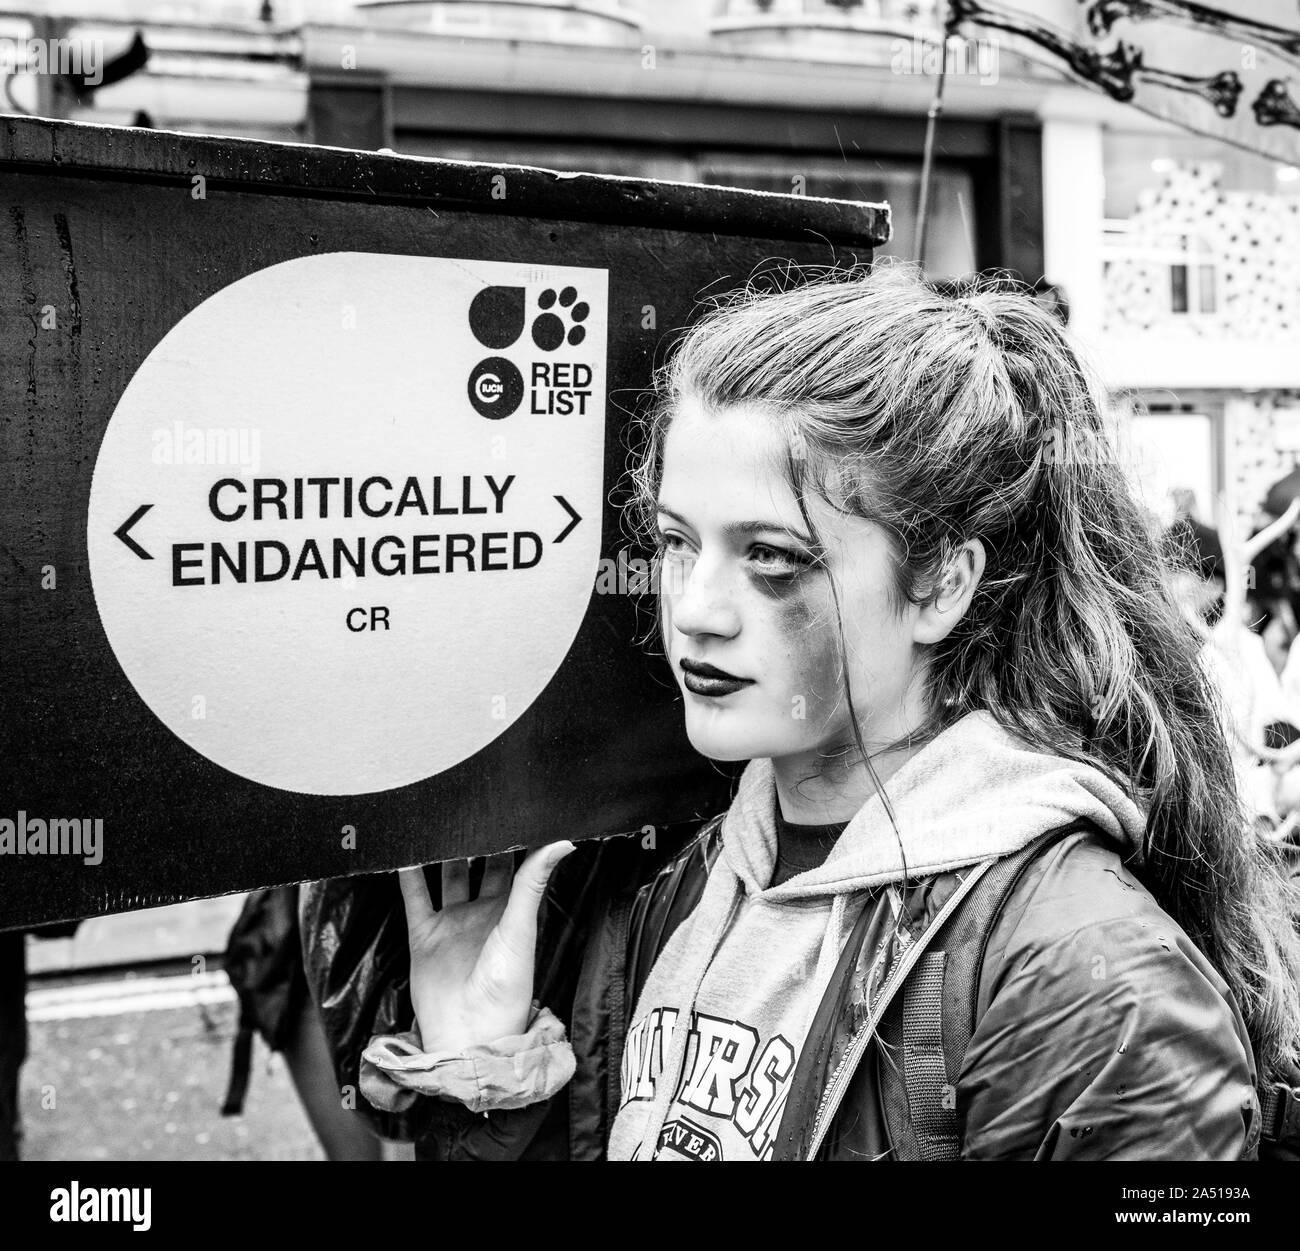 Extinción rebelión juventud manifestante lleva ataúd para especies en peligro de extinción - Londres Octubre 2019 Foto de stock